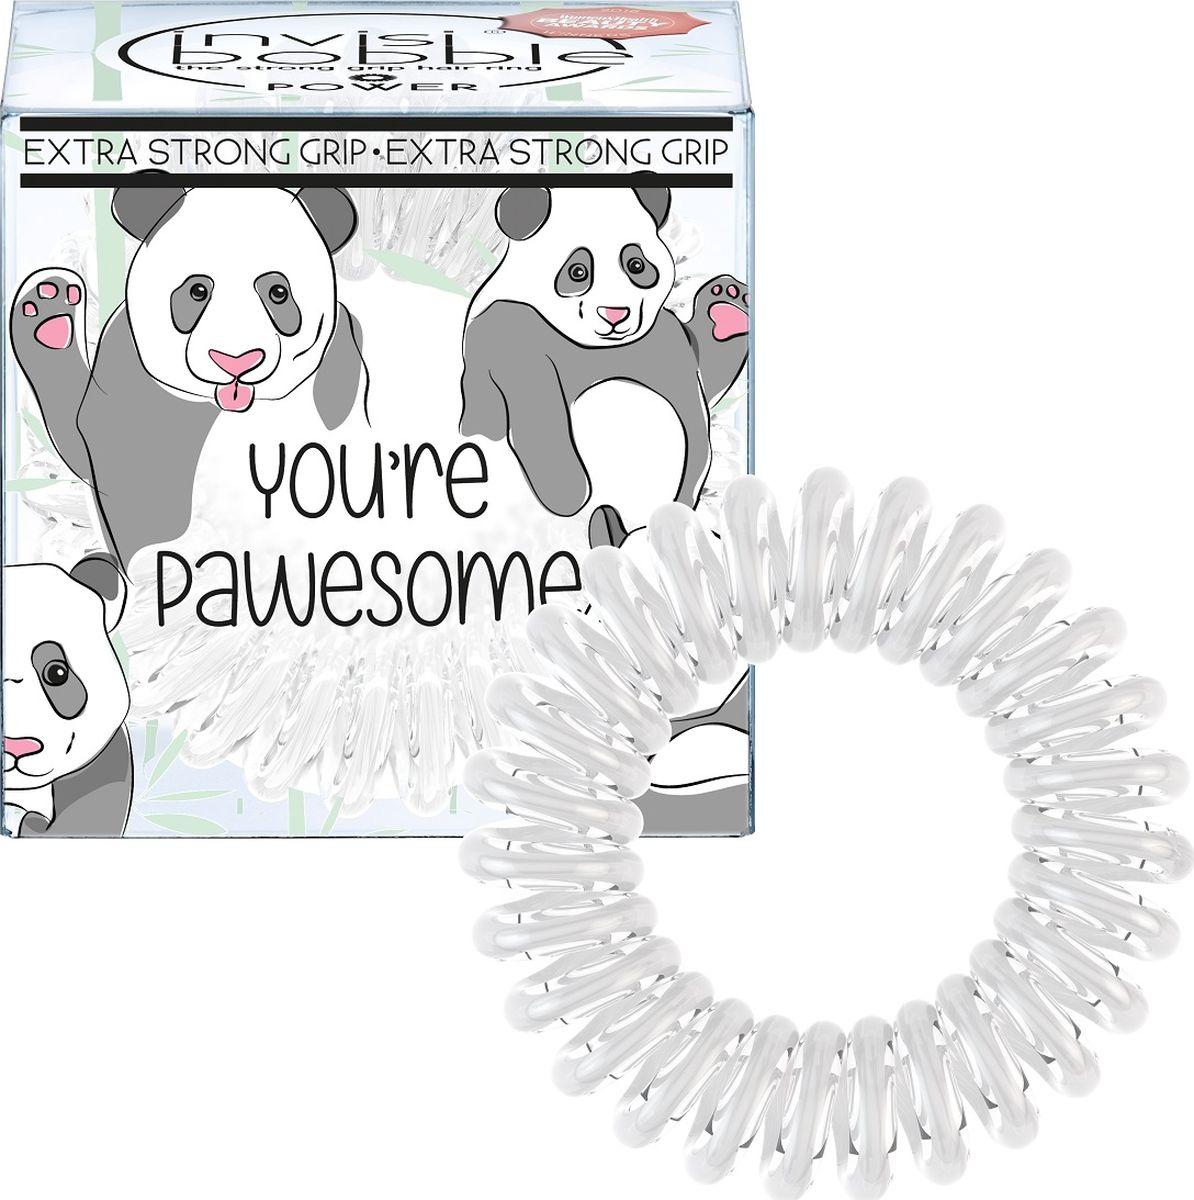 Invisibobble Резинка-браслет для волос ORIGINAL You're Pawesome!3077Резинки-браслеты invisibobble ORIGINAL You're Pawesome! молочного цвета из лимитированной тематической коллекции invisibobble Circus. Эксклюзивная упаковка с изображением Милашки-панды подарит яркое фестивальное настроение! Резинки invisibobble подходят для всех типов волос, надежно фиксируют прическу, не оставляют заломы и не вызывают головную боль благодаря неравномерному распределению давления на волосы. Кроме того, они не намокают и не вызывают аллергию при контакте с кожей, поскольку изготовлены из искусственной смолы.